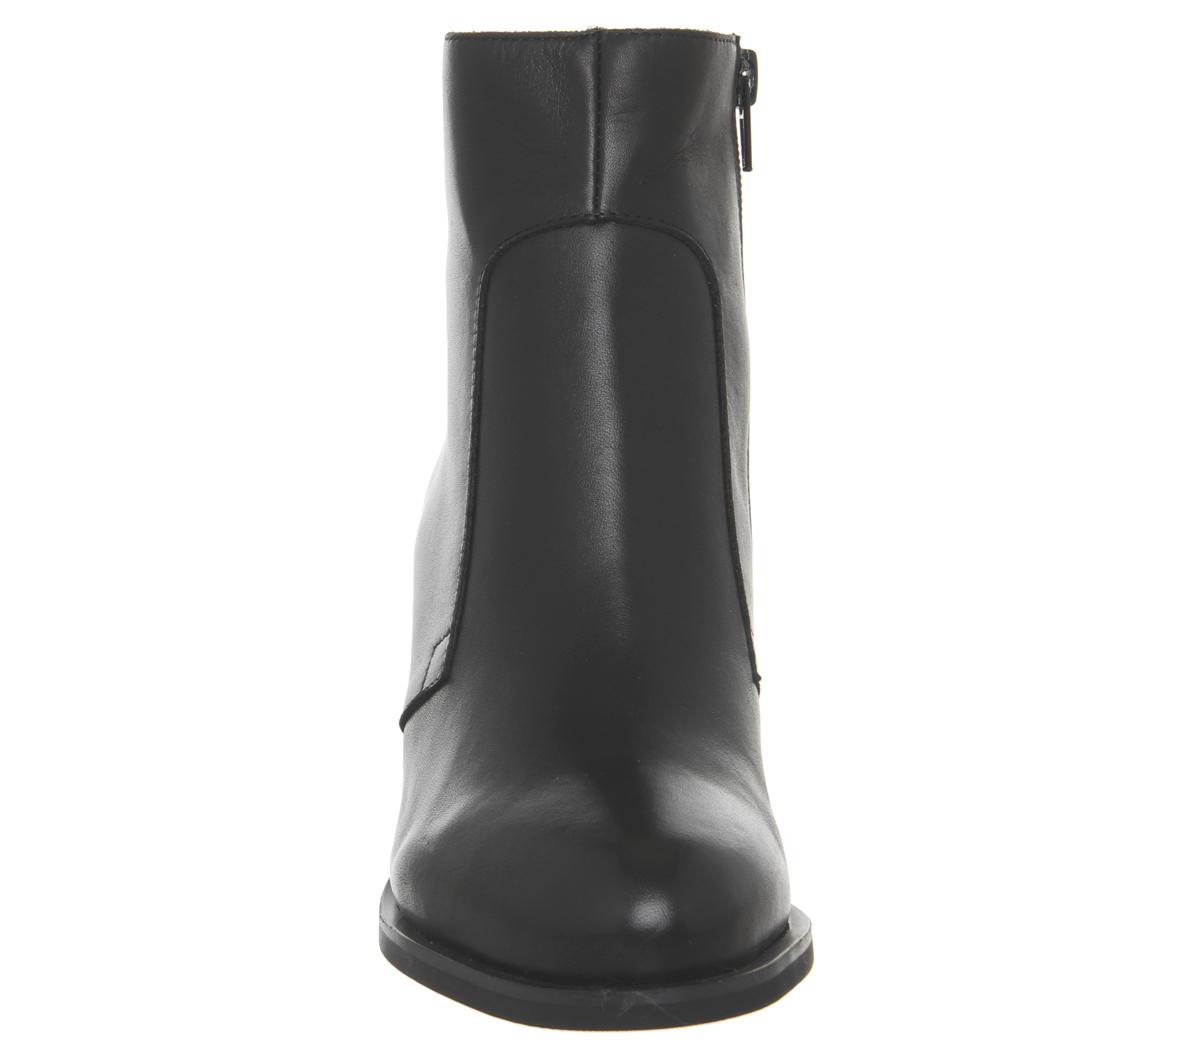 Damenschuhe Schuhe the Bear Ceci Ankle Stiefel BLACK LEATHER LEATHER LEATHER Stiefel e37fcf